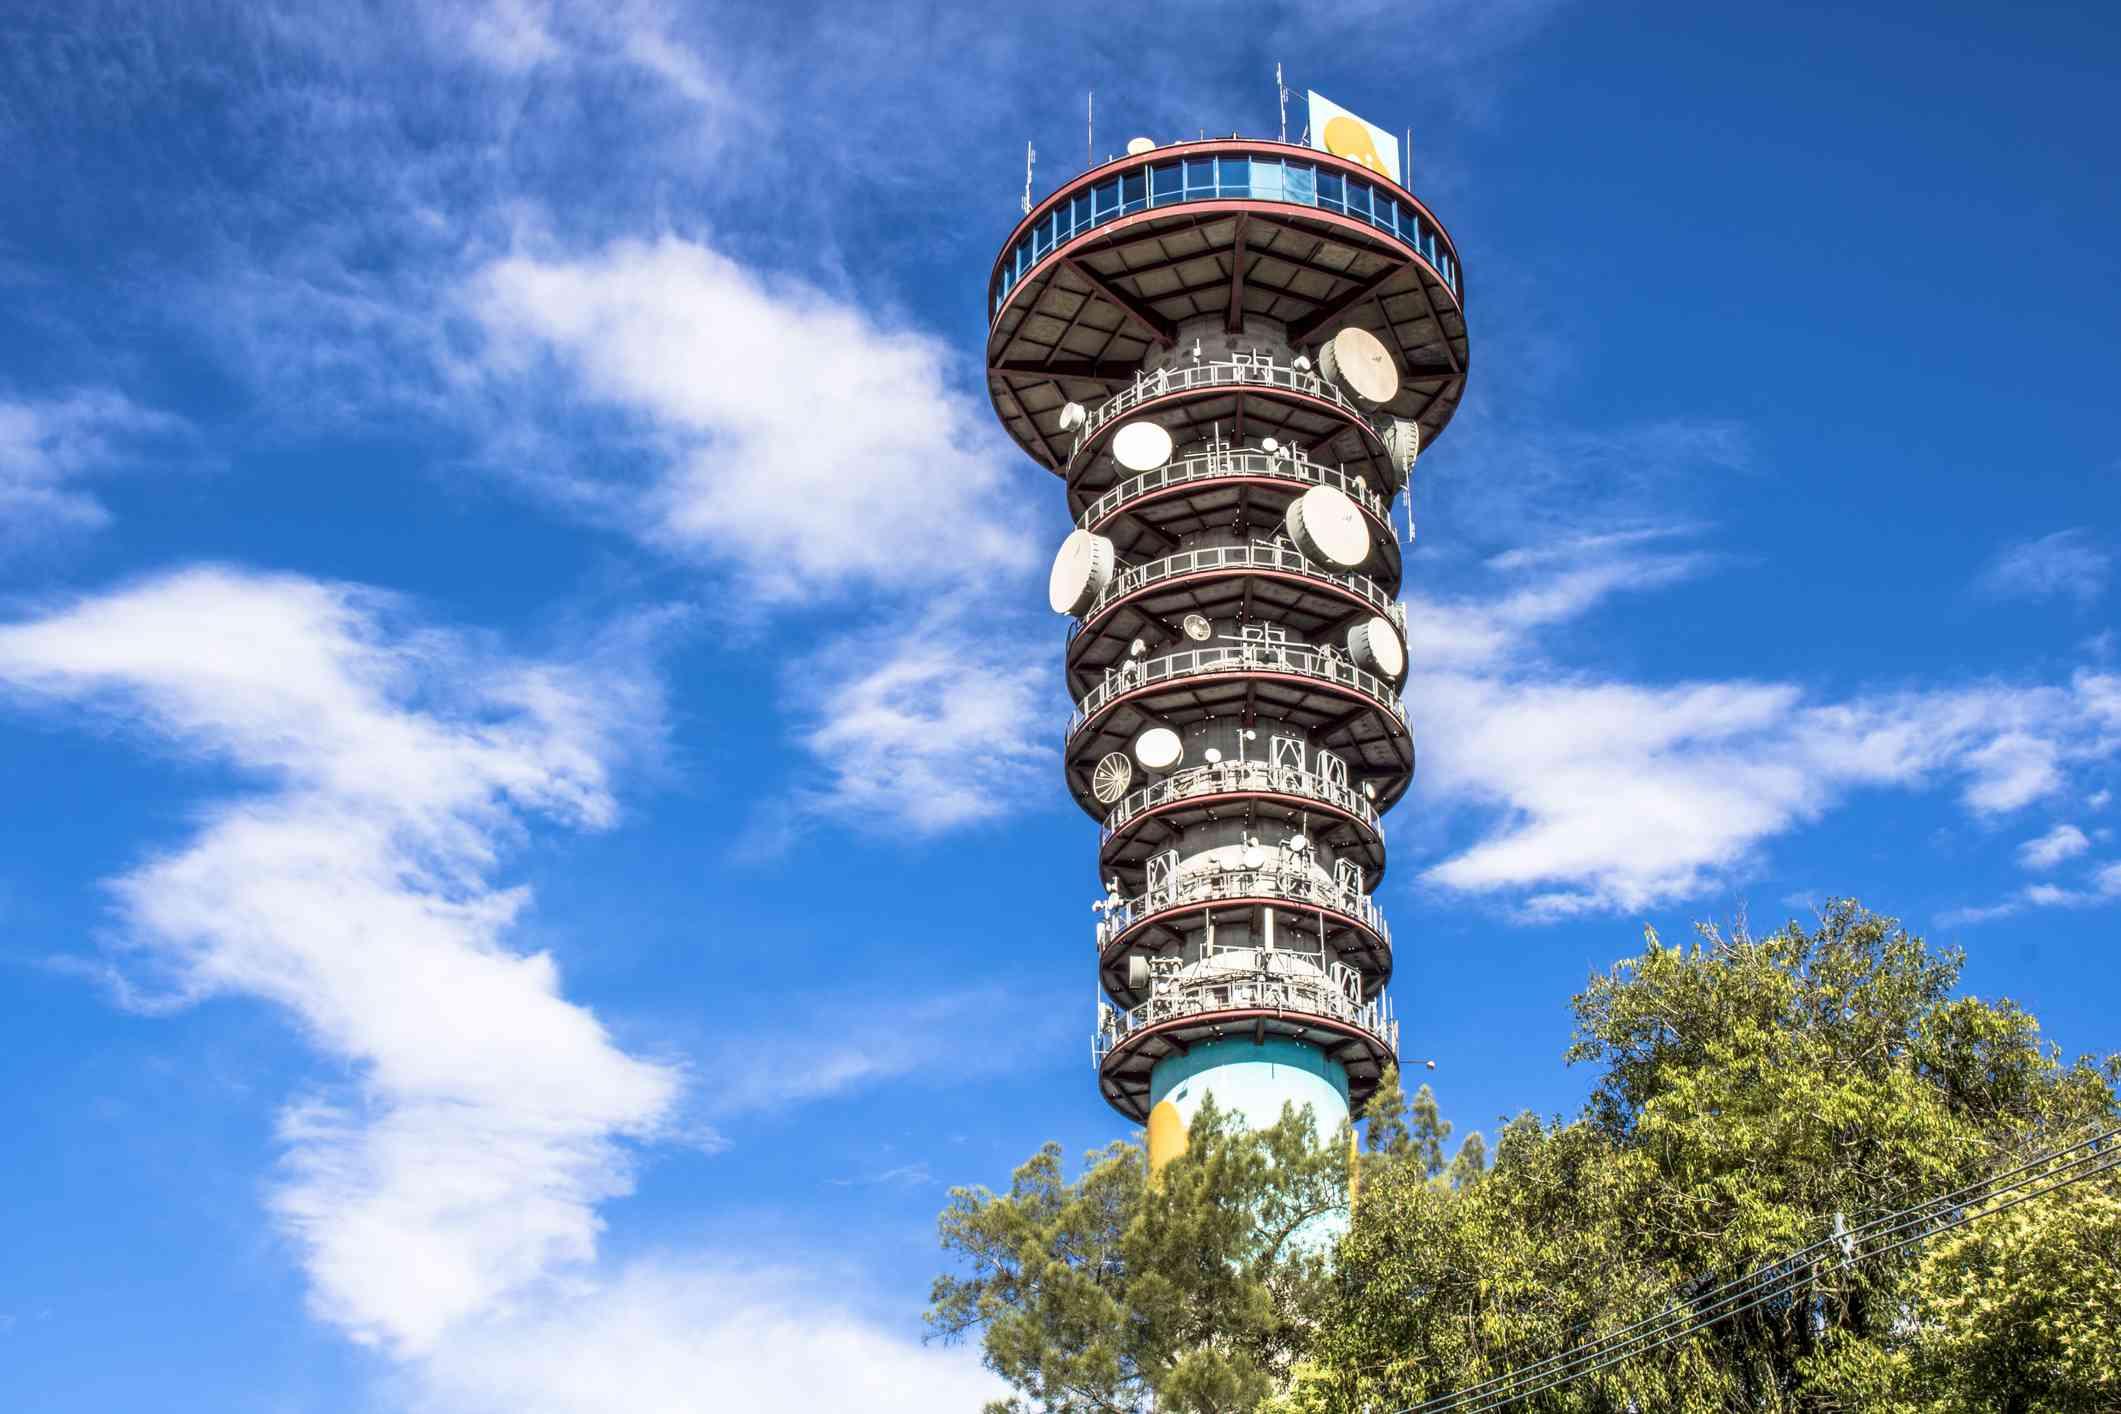 Mirador de la torre panorámica en Curitiba, Brasil